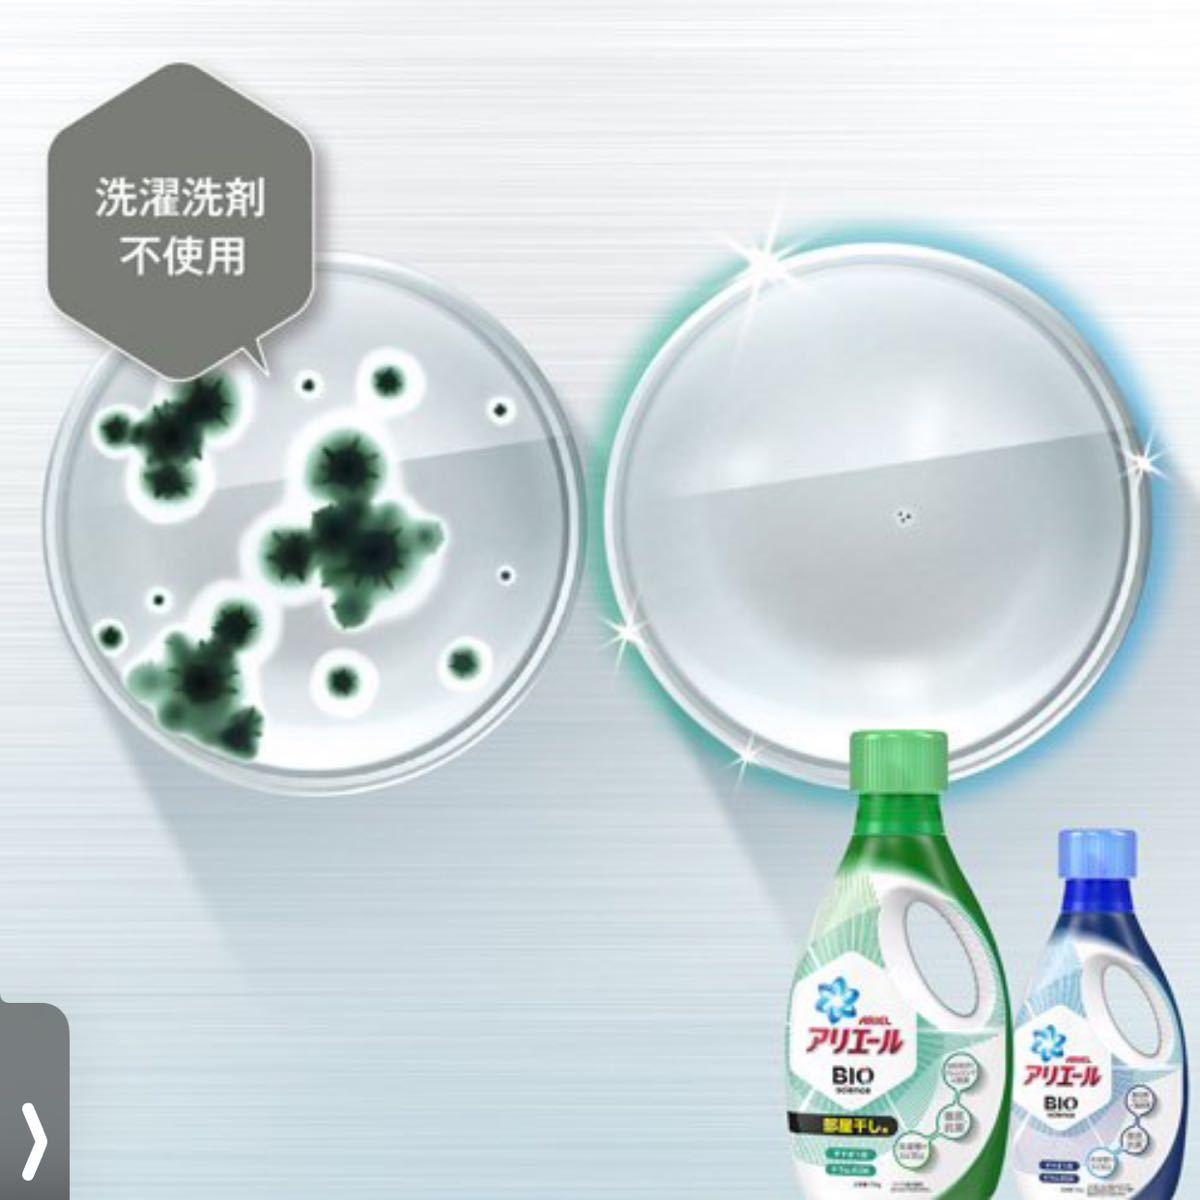 アリエールバイオサイエンスジェル 部屋干し用詰め替え超ジャンボ洗濯洗剤 抗菌(1520g 3袋セット)